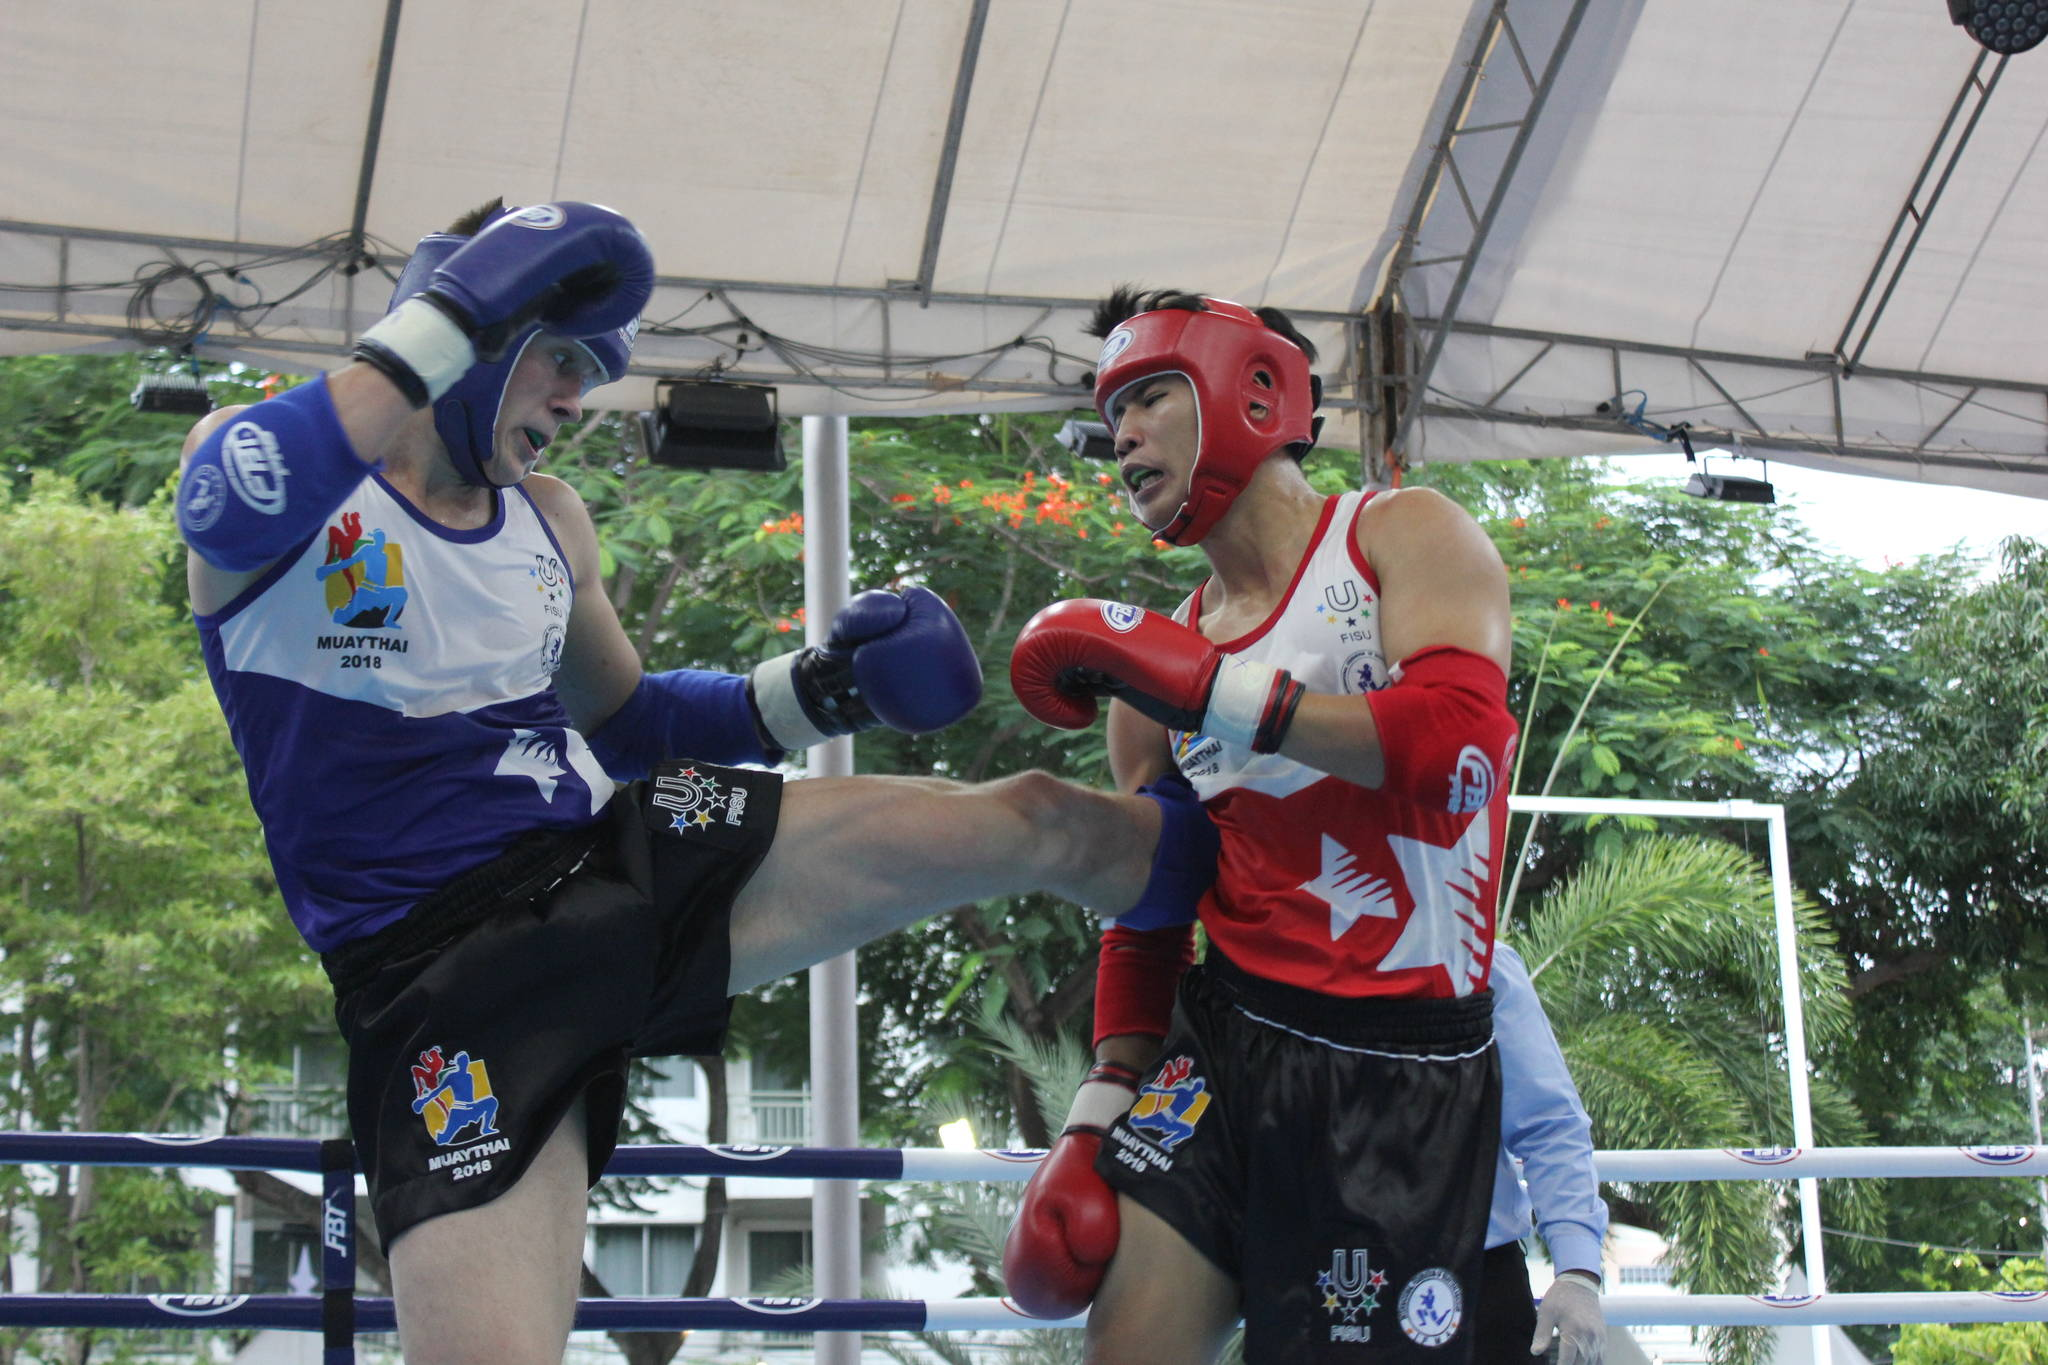 Home crowds boost Team Thailand at Muaythai Championship